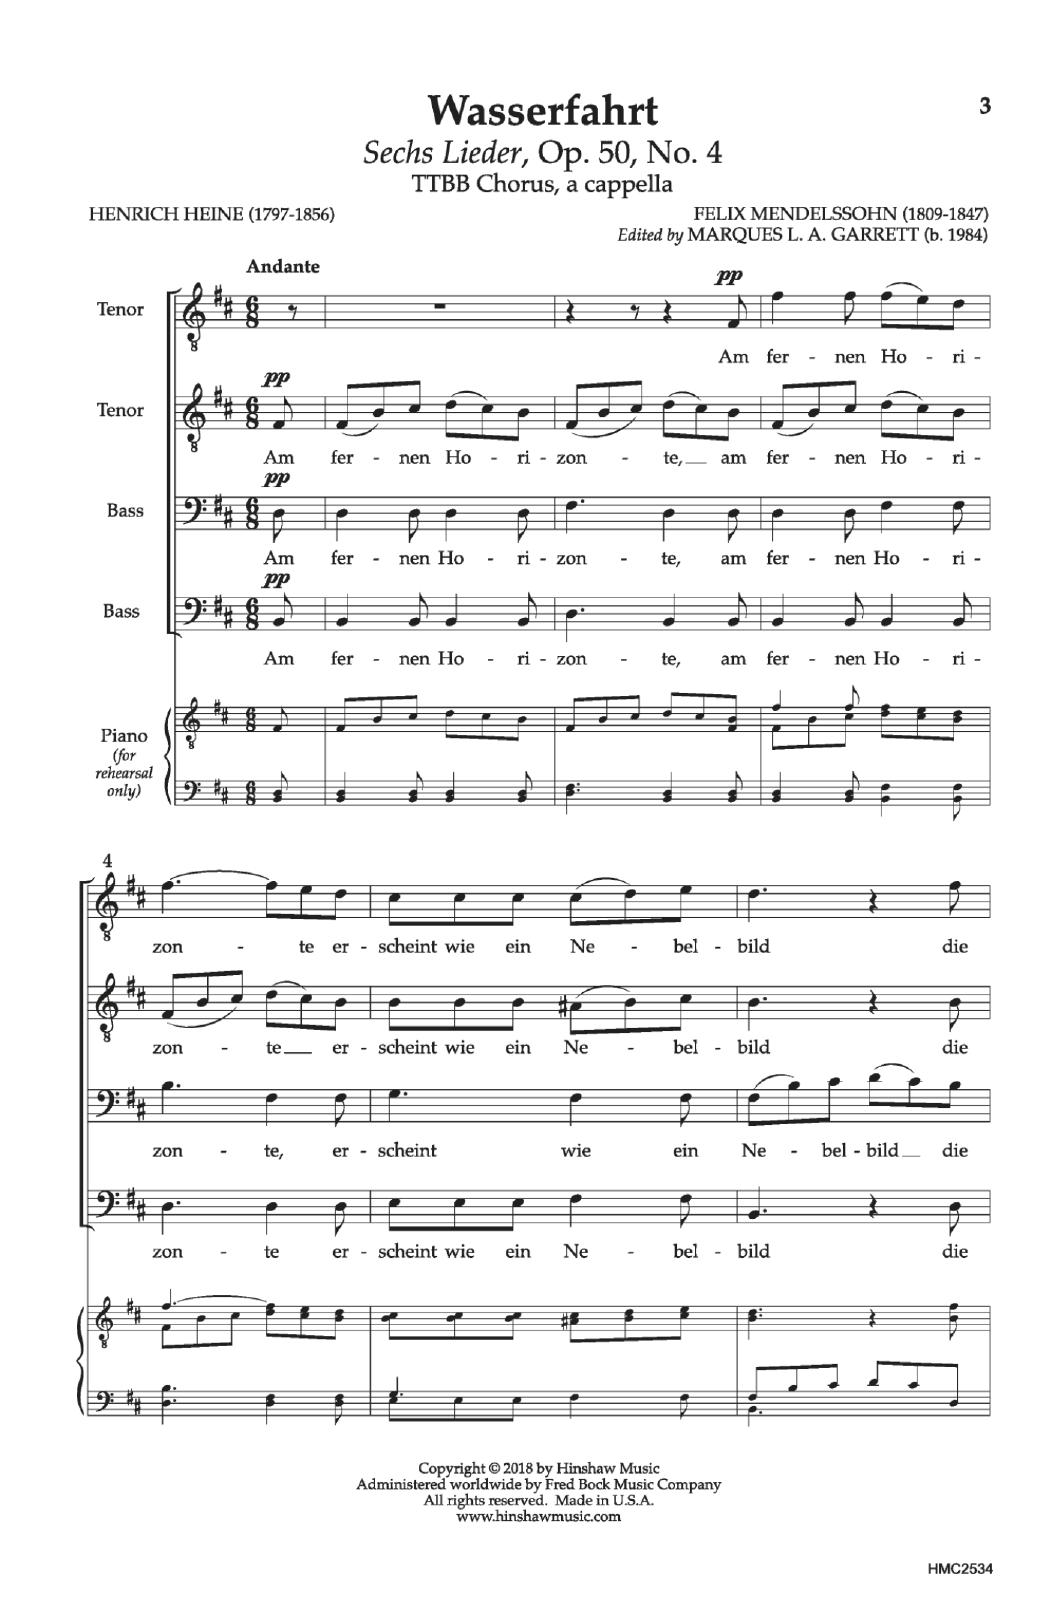 Felix Mendelssohn 'Wasserfahrt' Sheet Music Notes, Chords | Download  Printable TTBB Choir - SKU: 199499